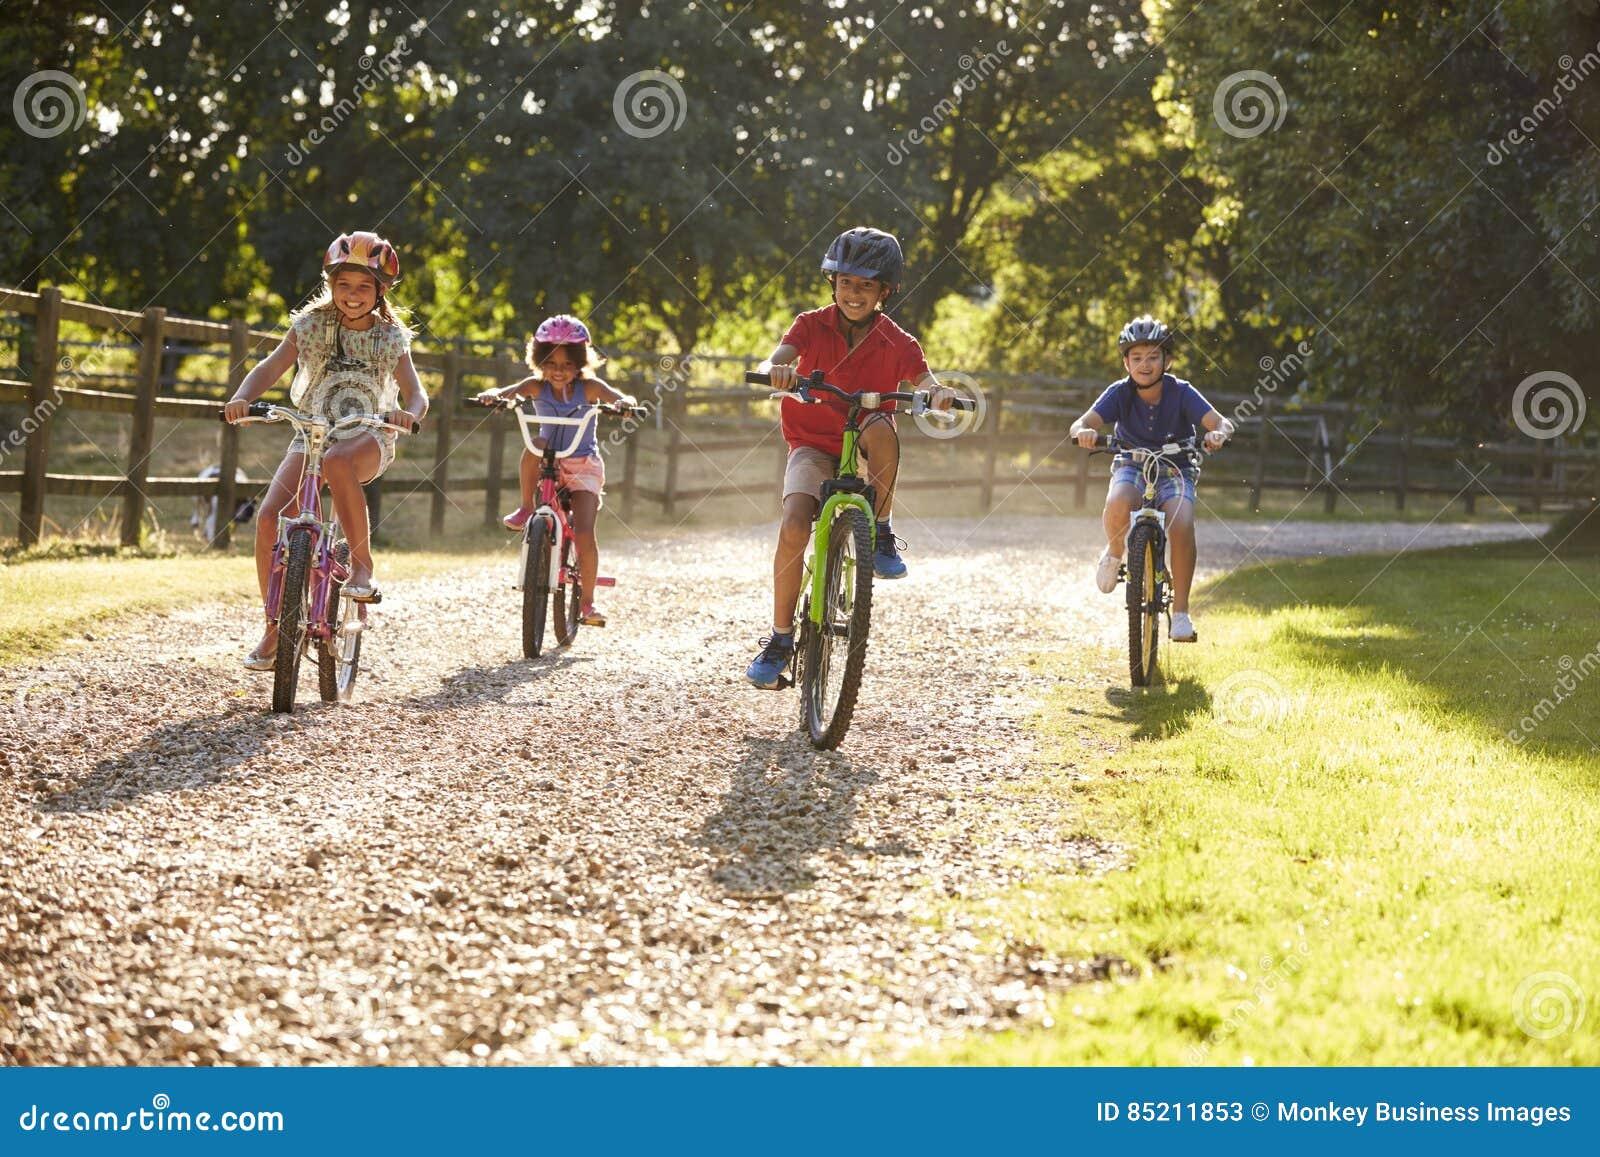 Vier Kinderen op Cyclus berijden samen in Platteland